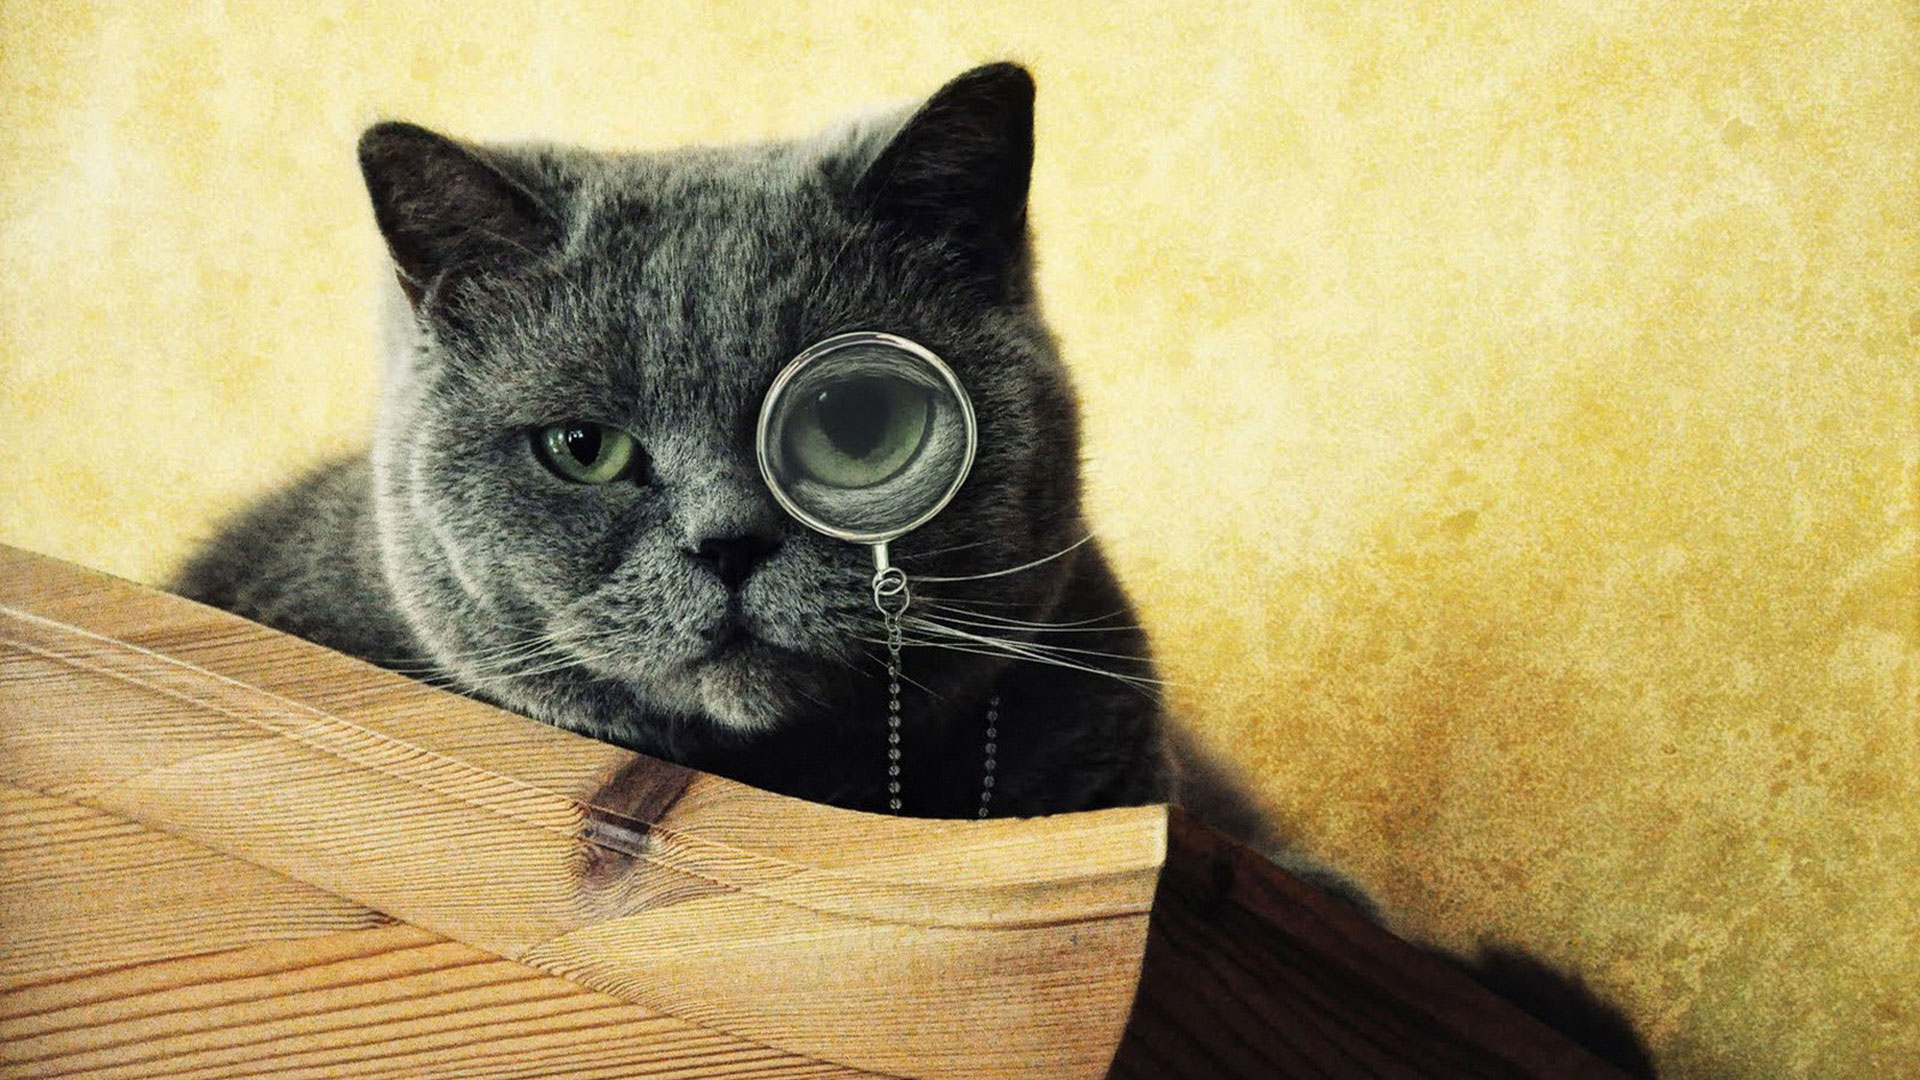 Кем был кот в прошлой жизни был